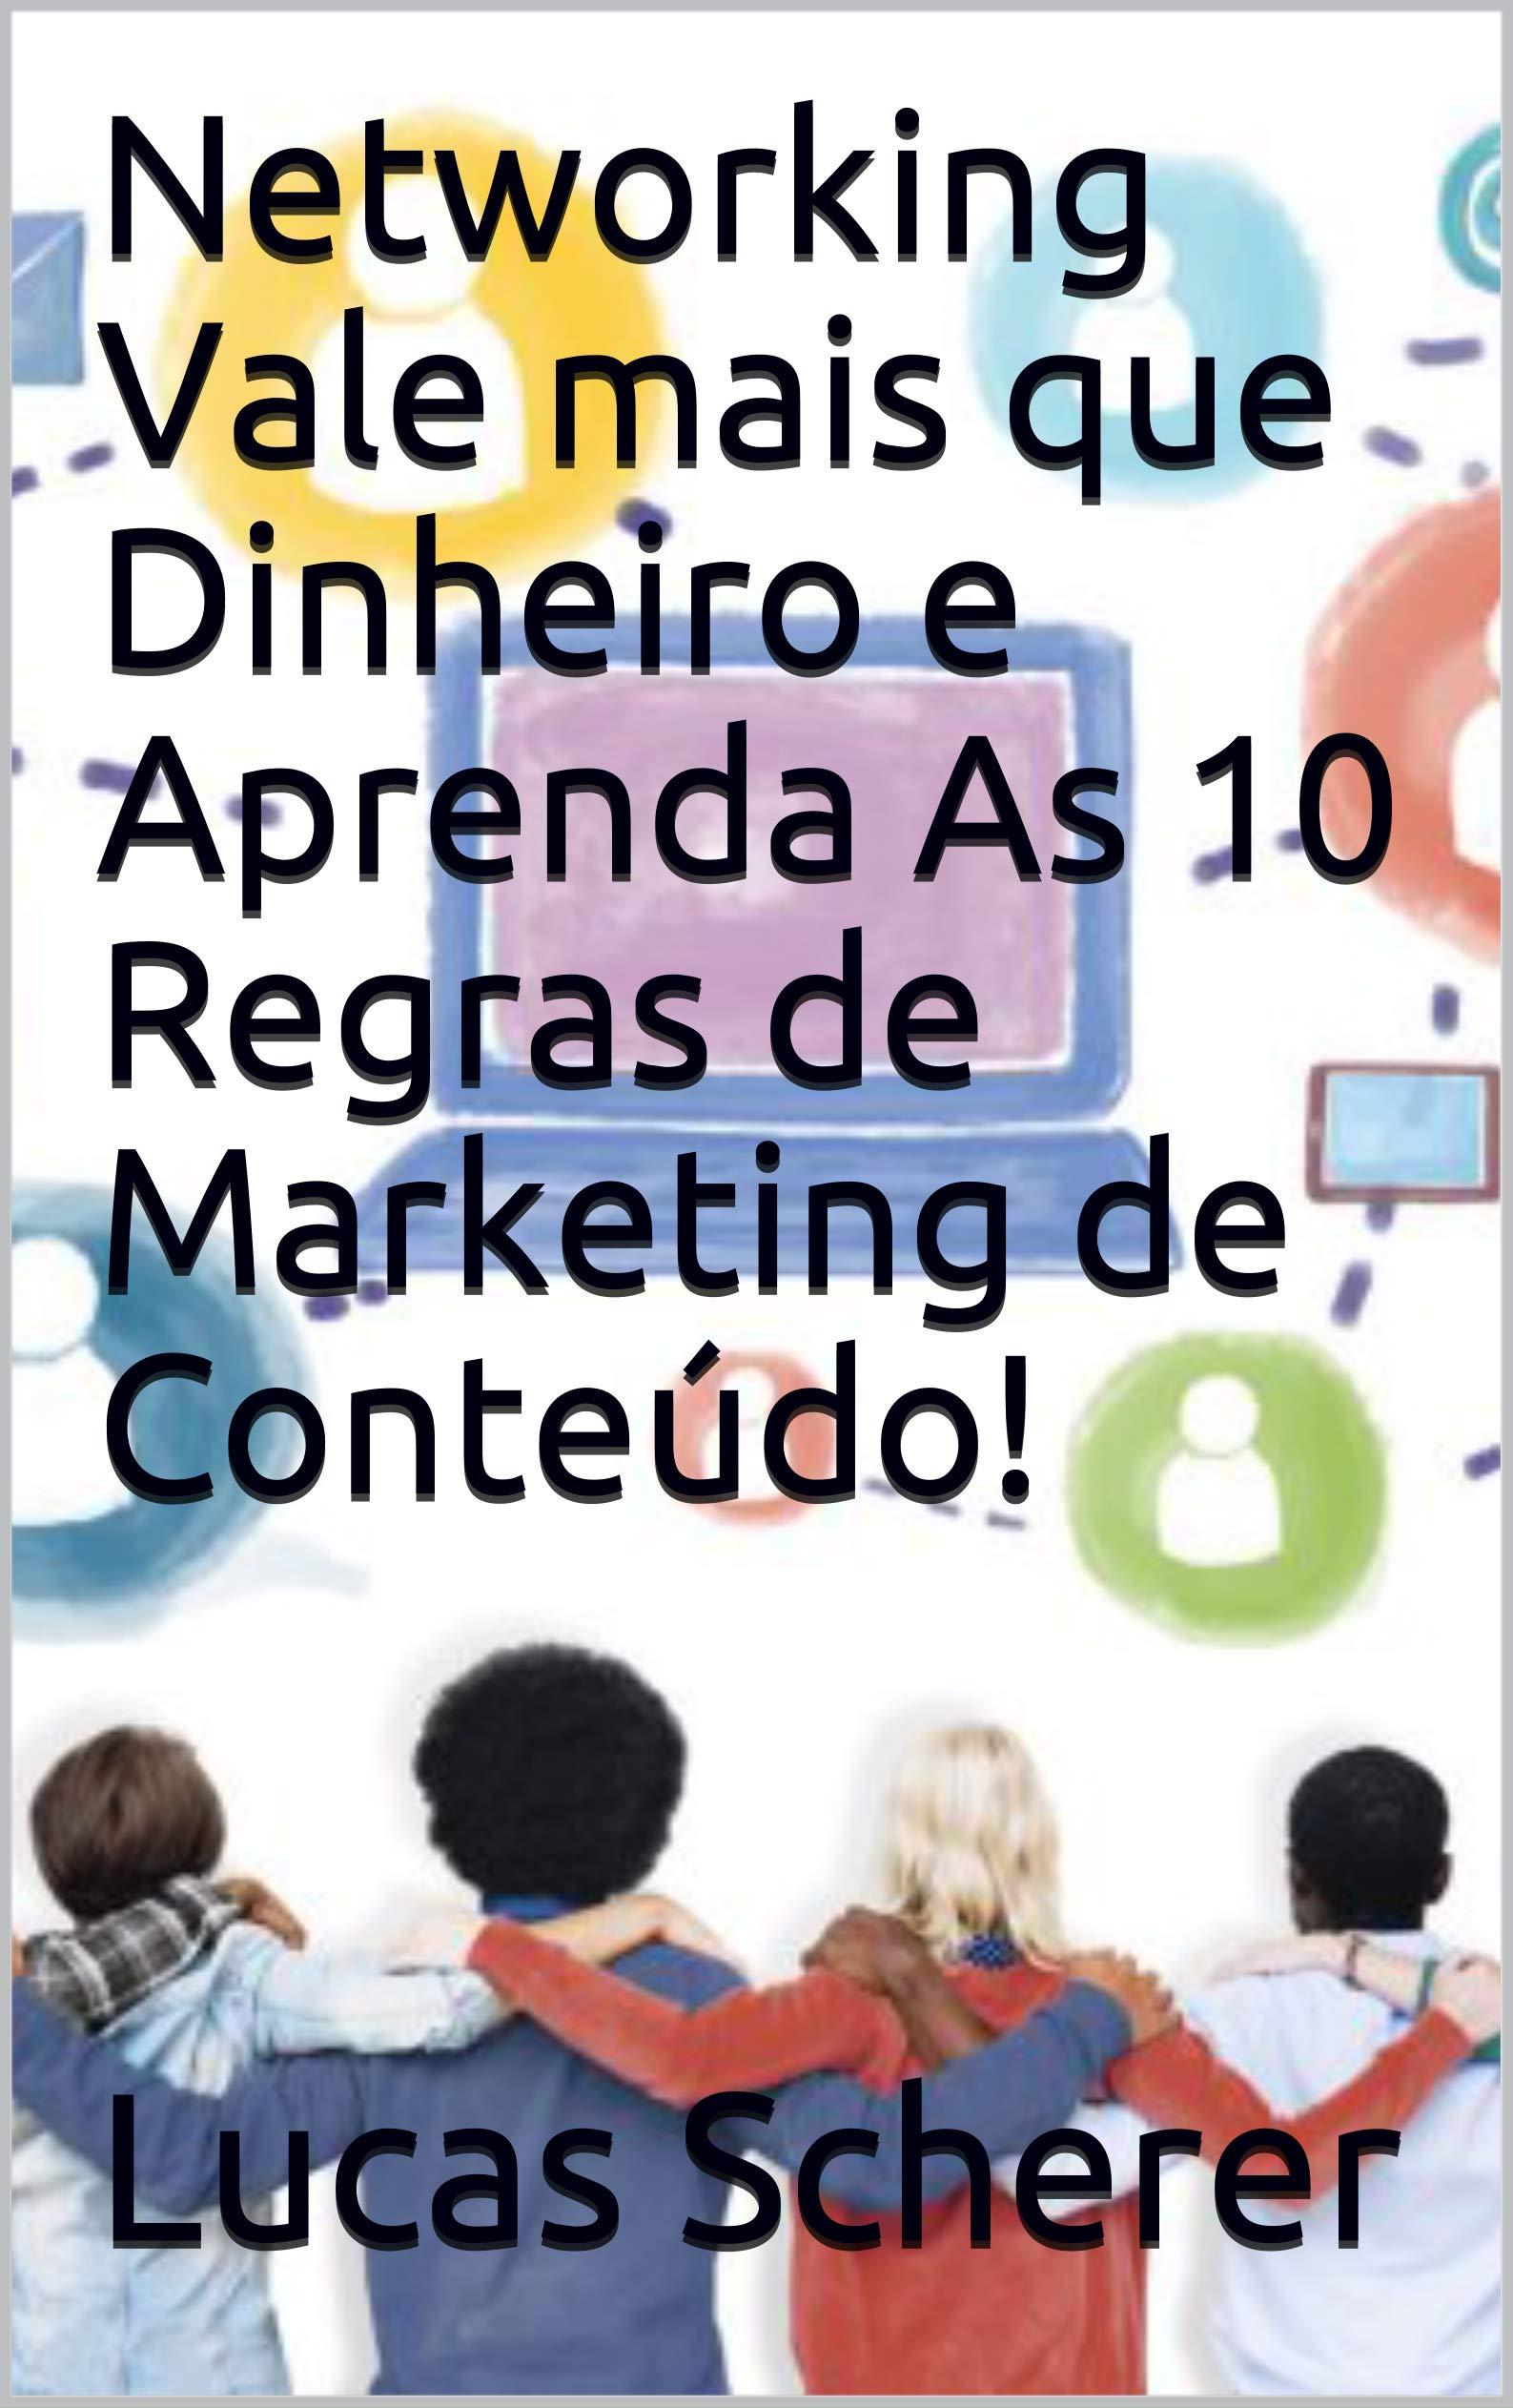 Networking Vale mais que Dinheiro e Aprenda As 10 Regras de Marketing de Conteúdo! (Portuguese Edition)